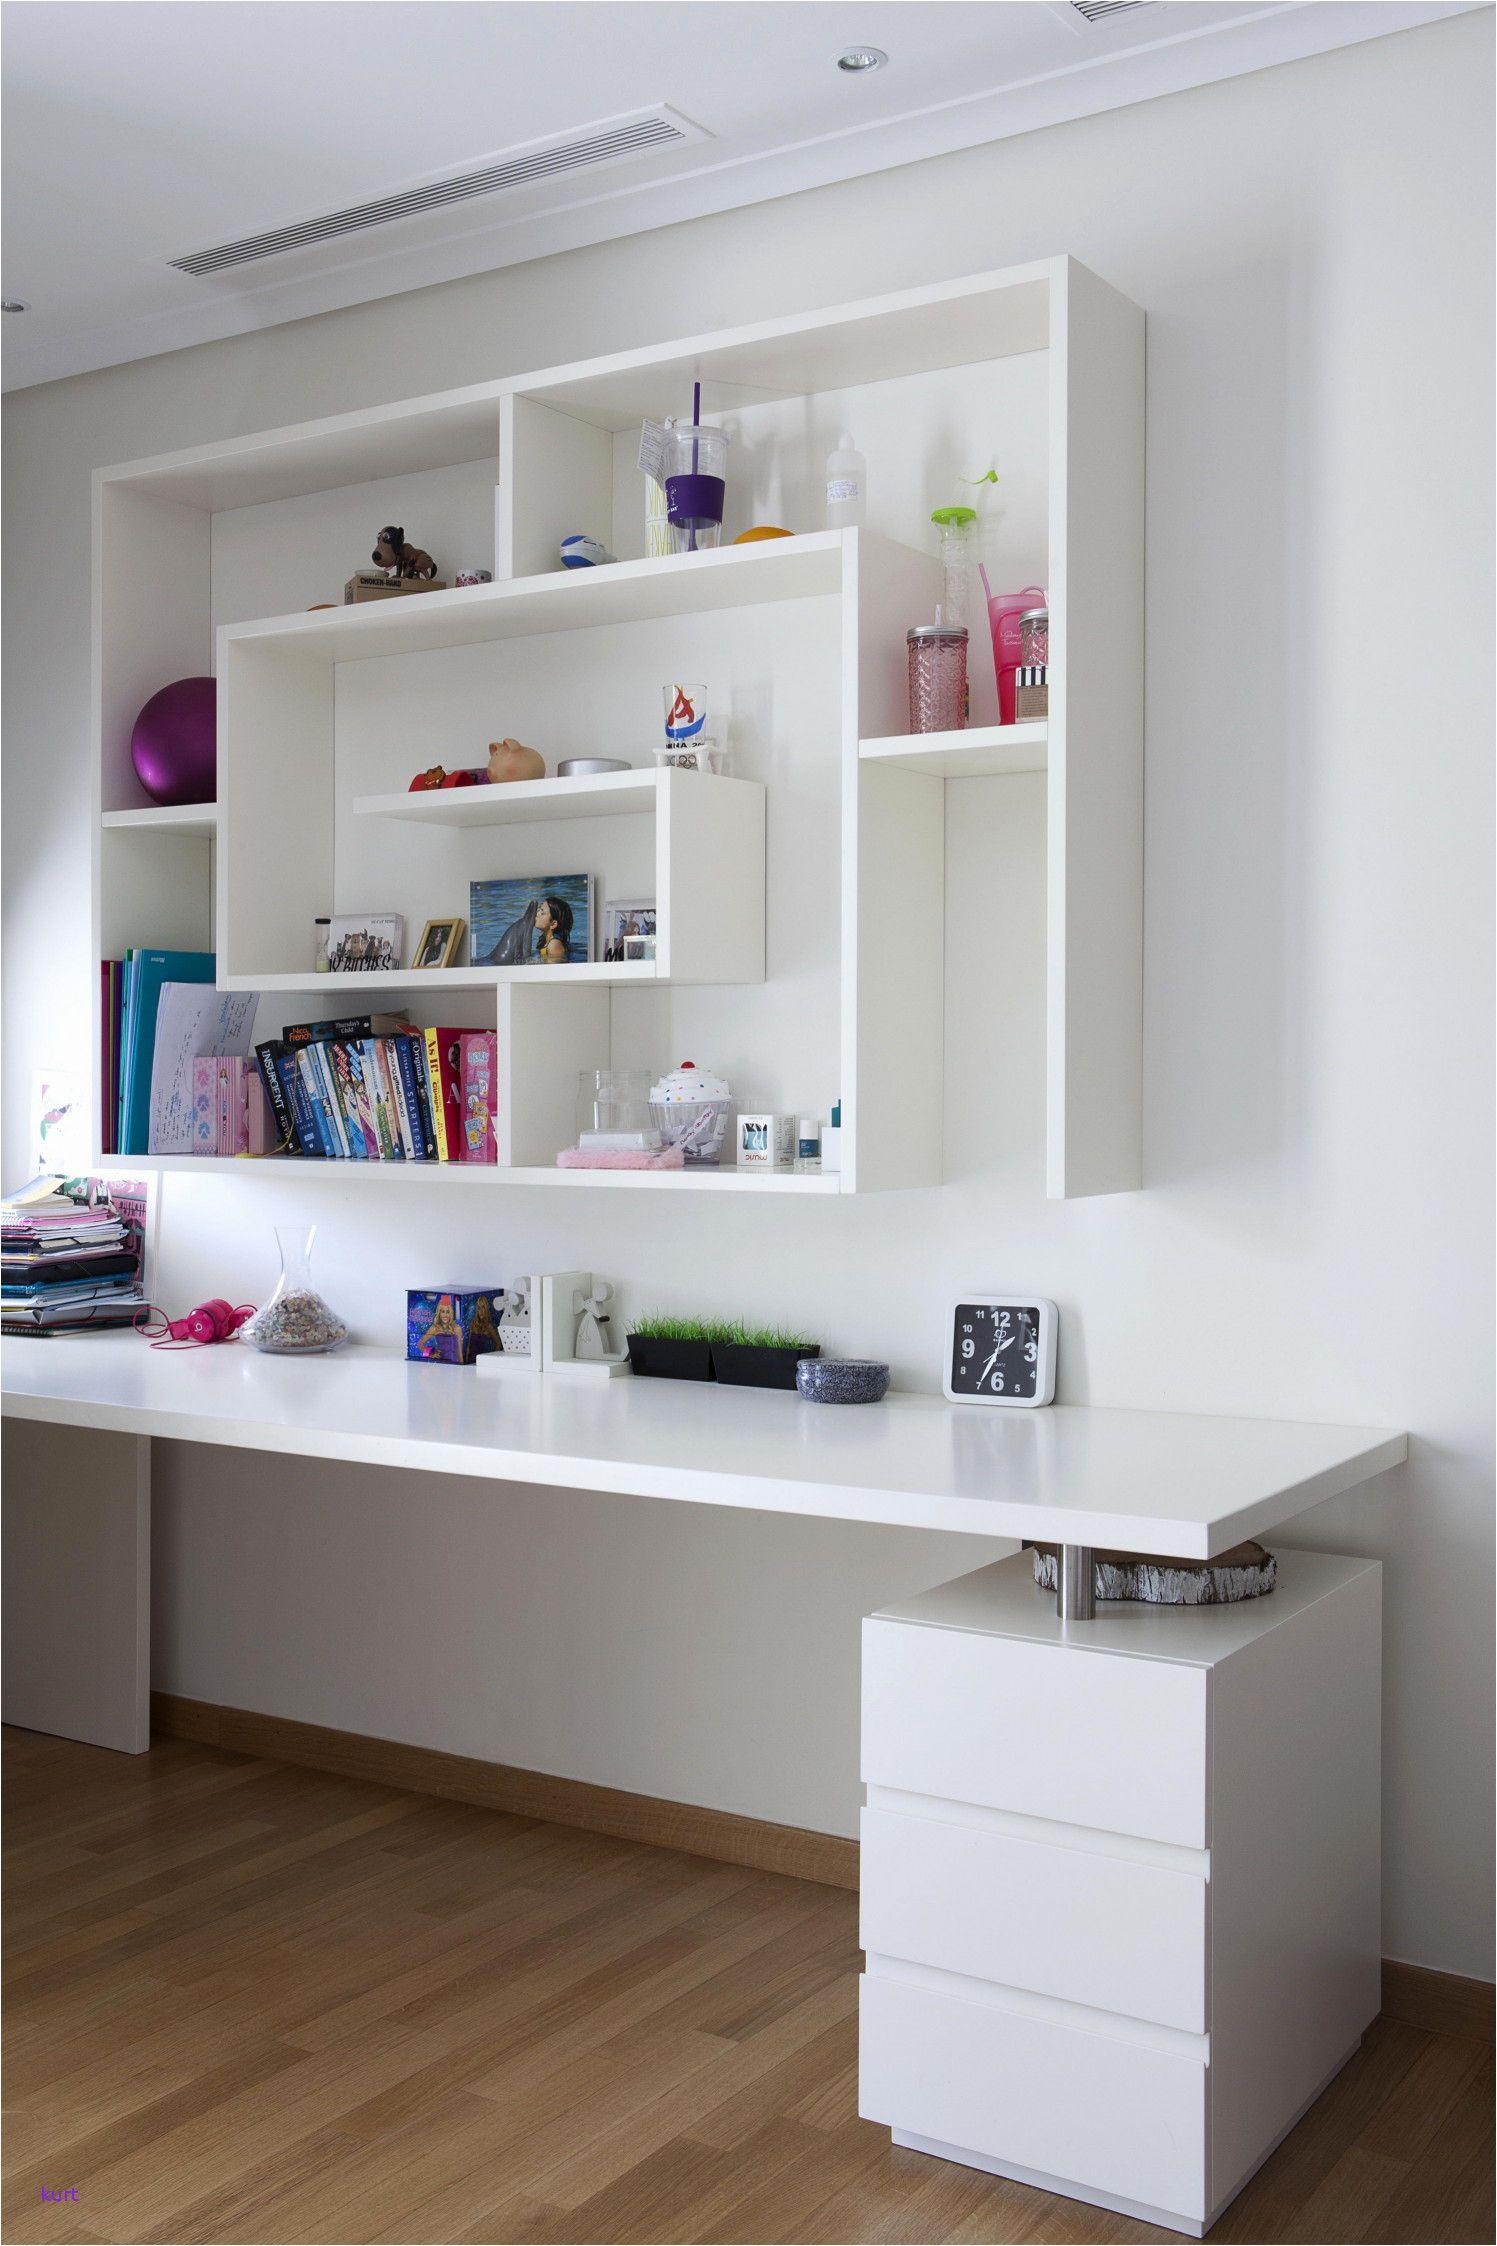 30 fresco compra de muebles usados compra de muebles for Compra de muebles usados